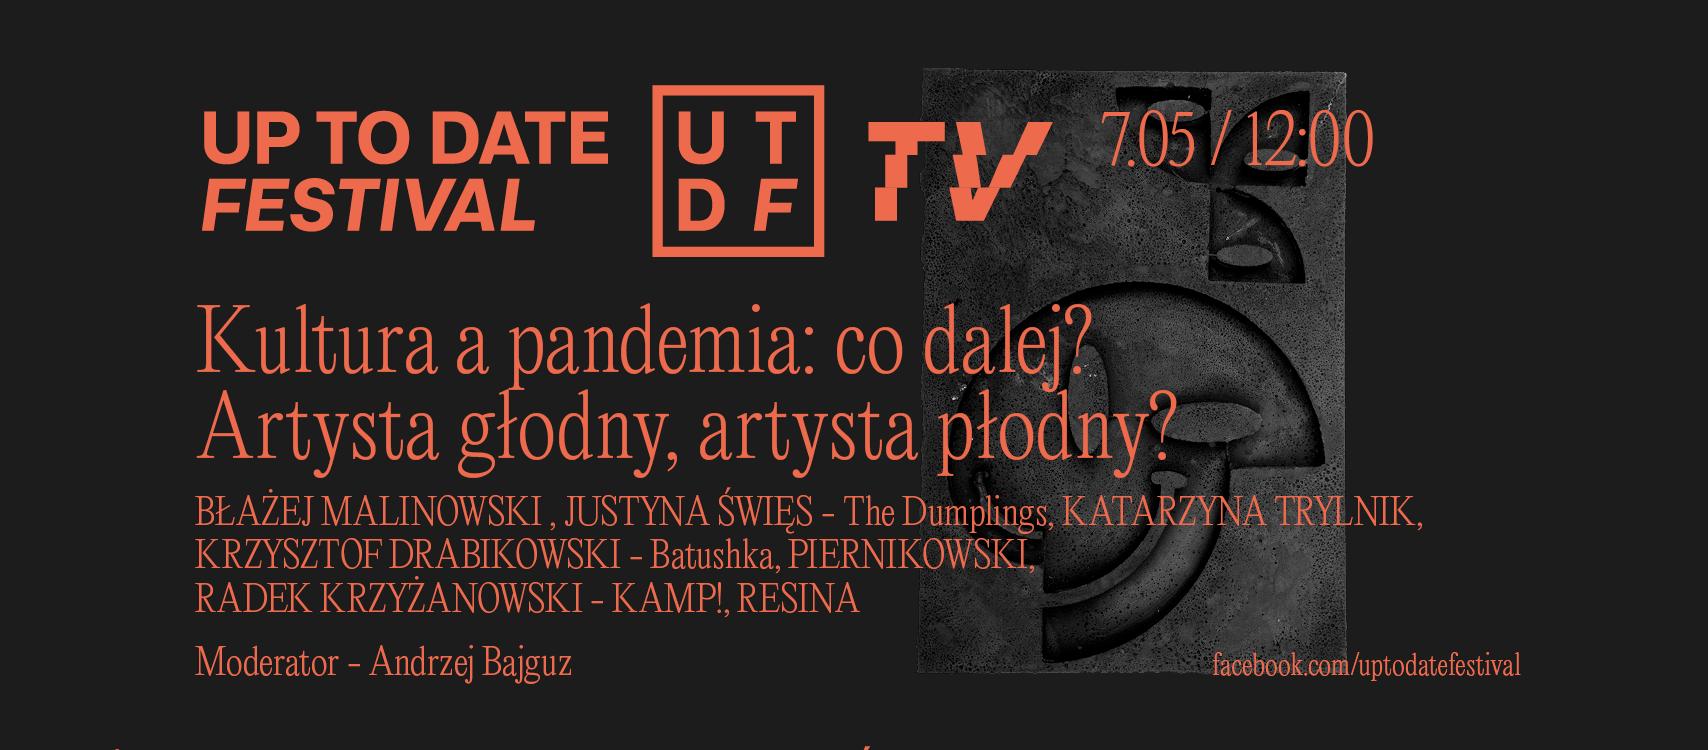 Kultura a pandemia: co dalej? Zaproszenie na debatę od UTDF!